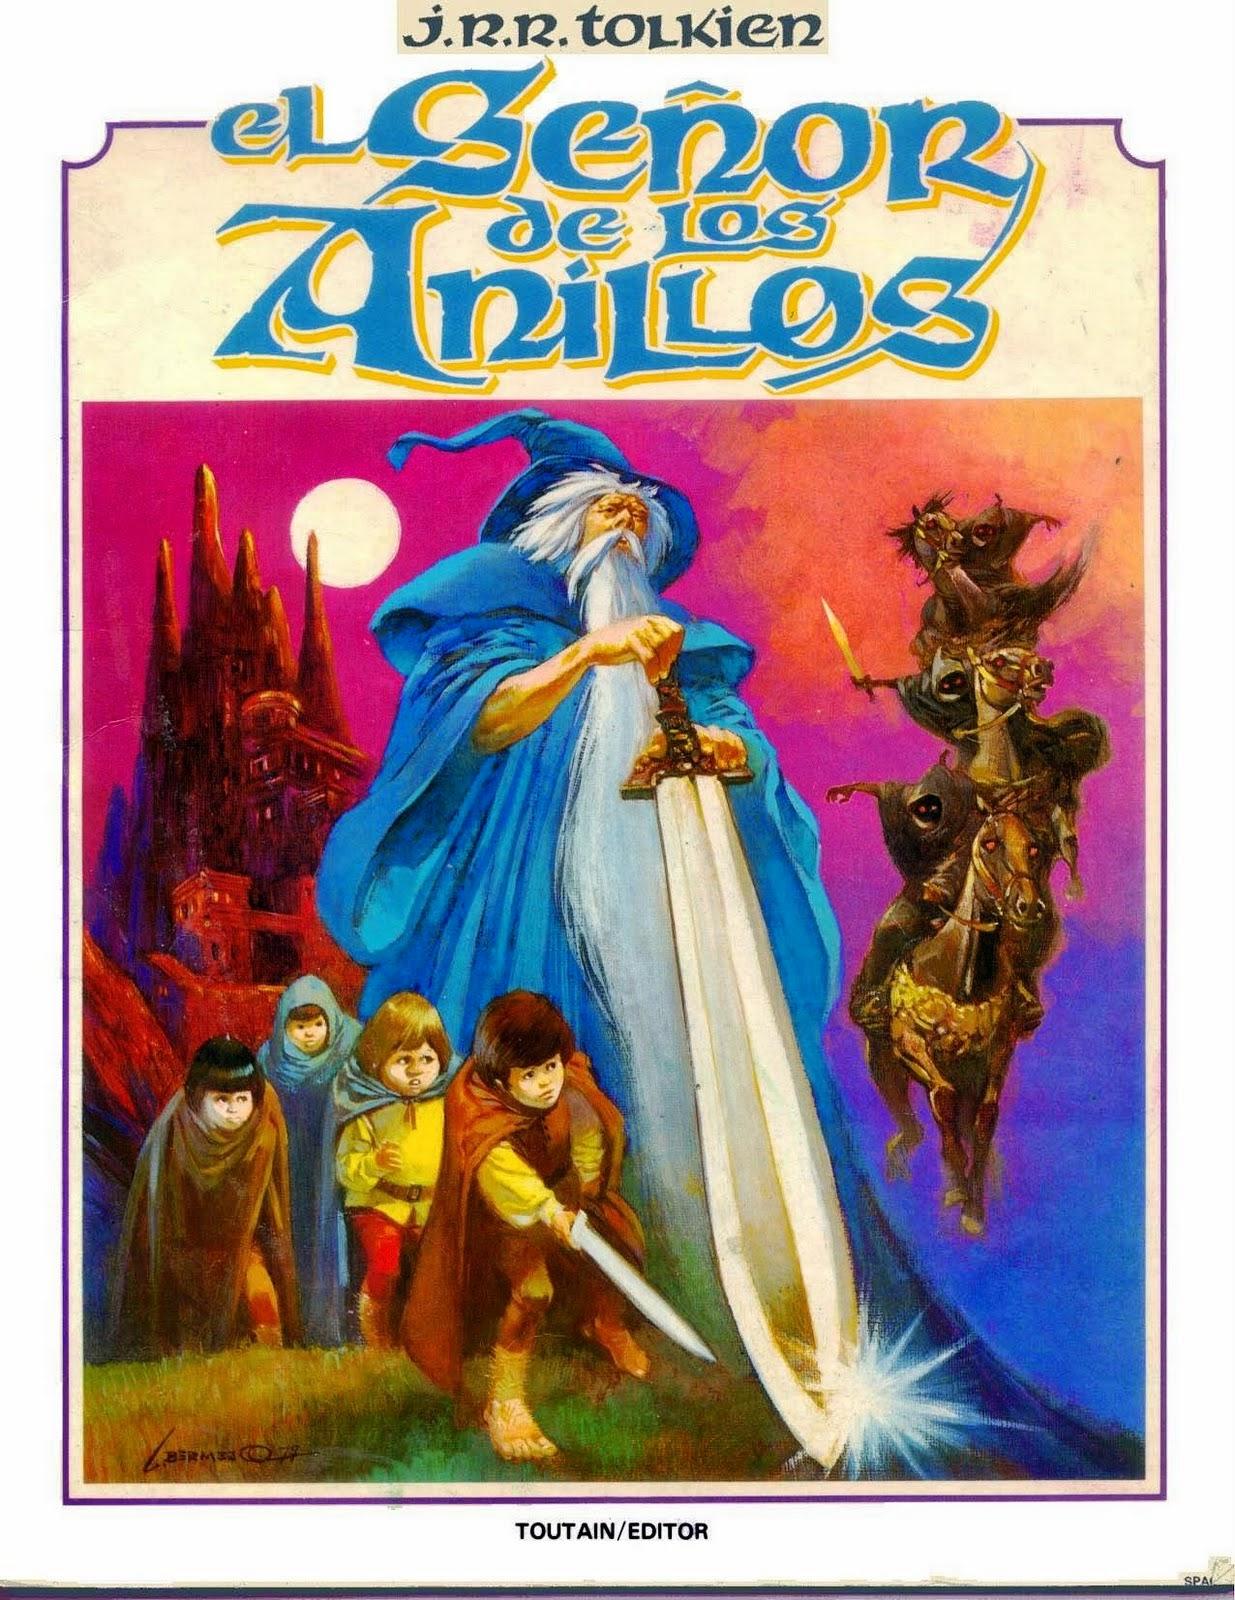 http://superheroesrevelados.blogspot.com.ar/2011/09/el-hobbit-el-senor-de-los-anillos.html